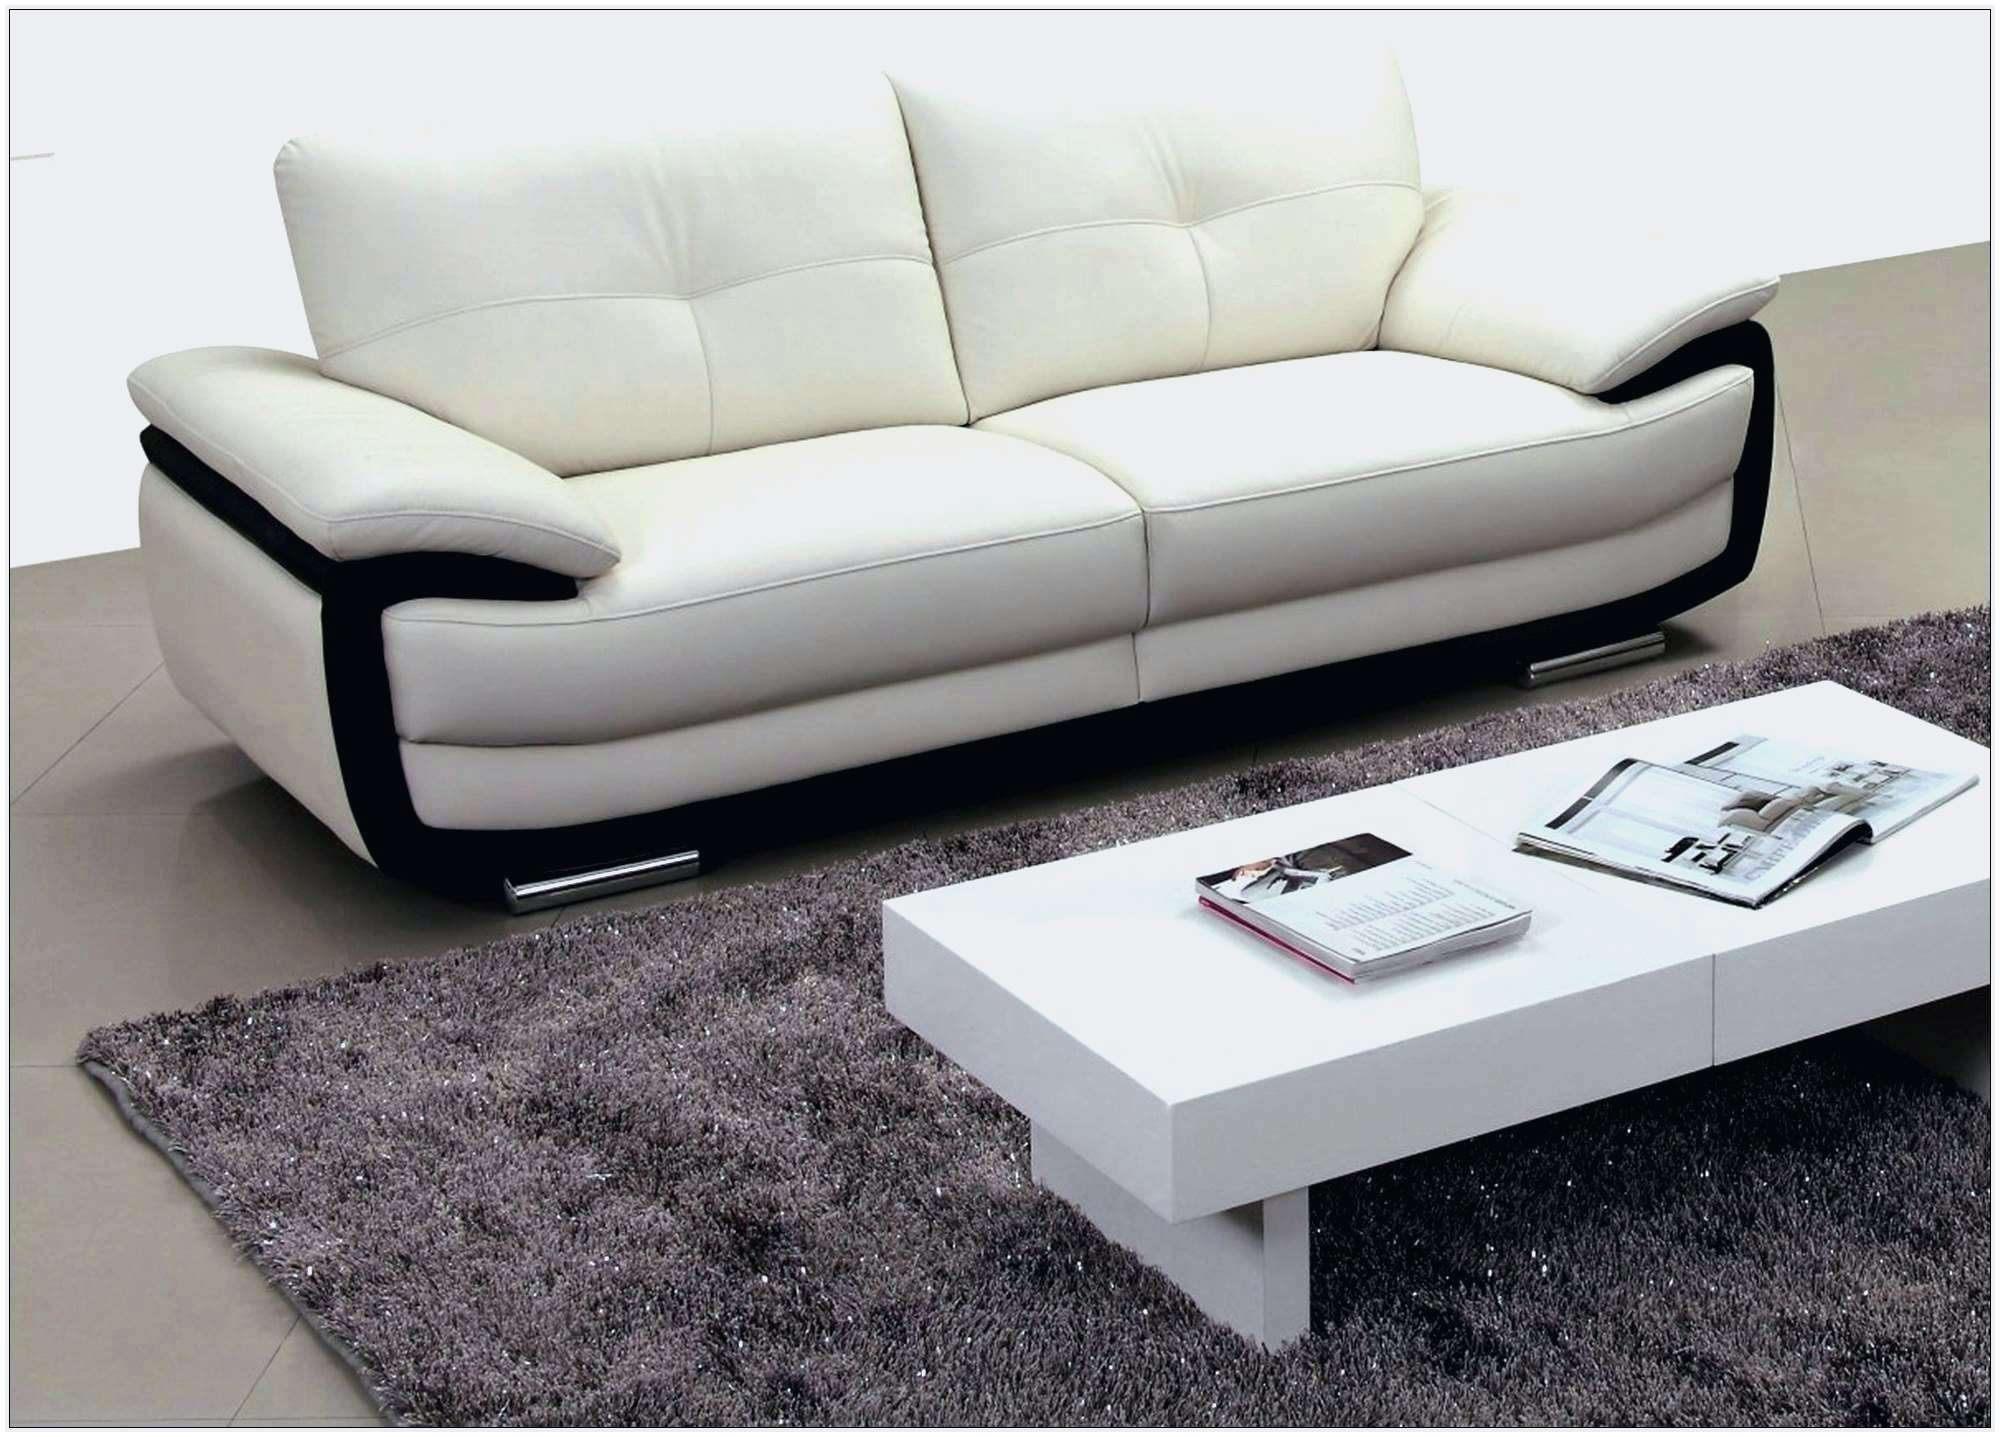 Lit Superposé Ikea 3 Places Le Luxe Le Meilleur De Lit Superposé 3 Couchages Frais Canap Convertible 3